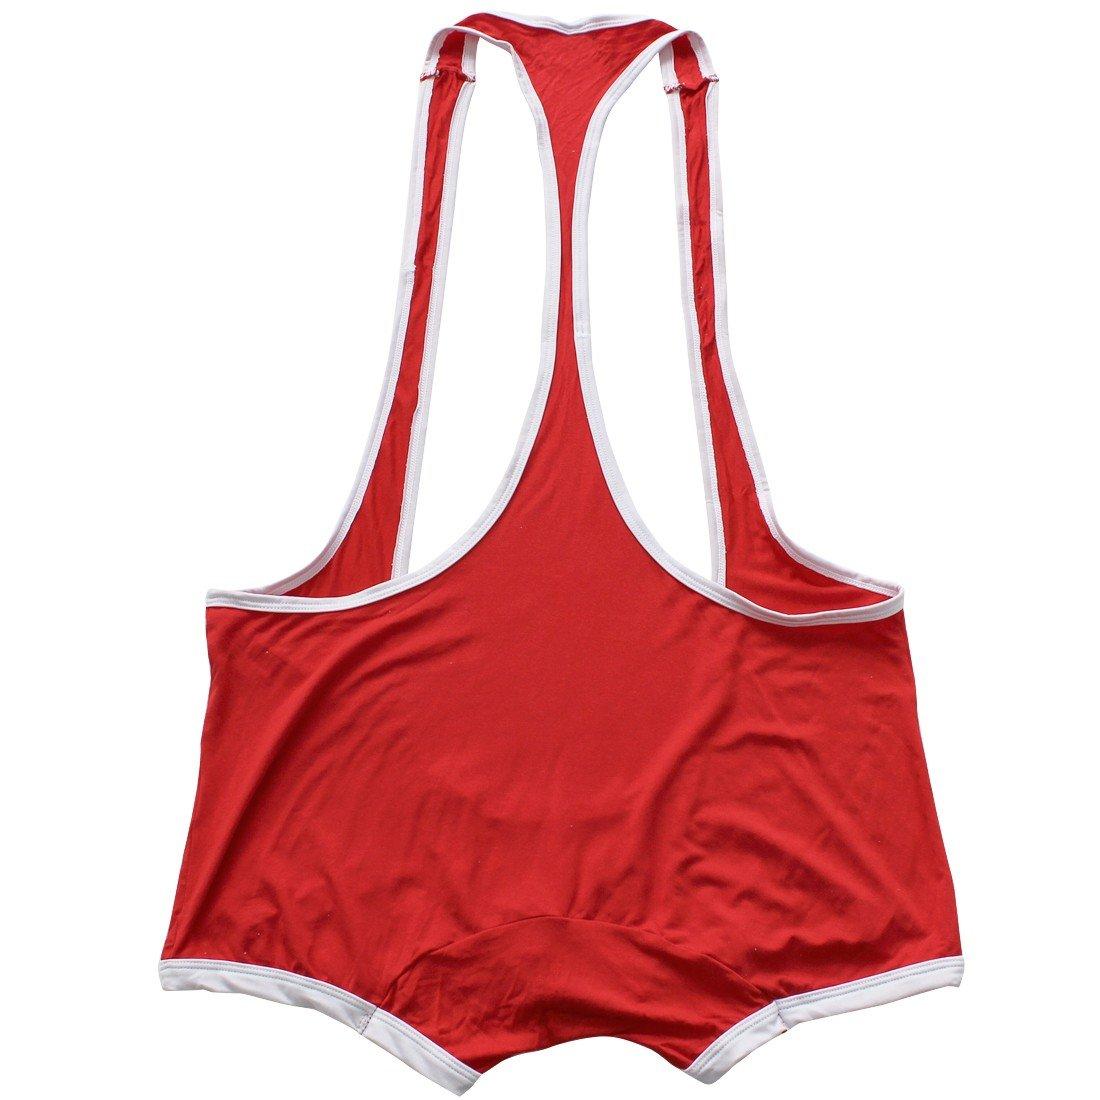 Freebily Men's Suspenders Boxer Wrestling Singlet Leotard Jockstrap Bodysuit Swimsuit Red Medium(Waist:31.0-47.0''/78-120cm)